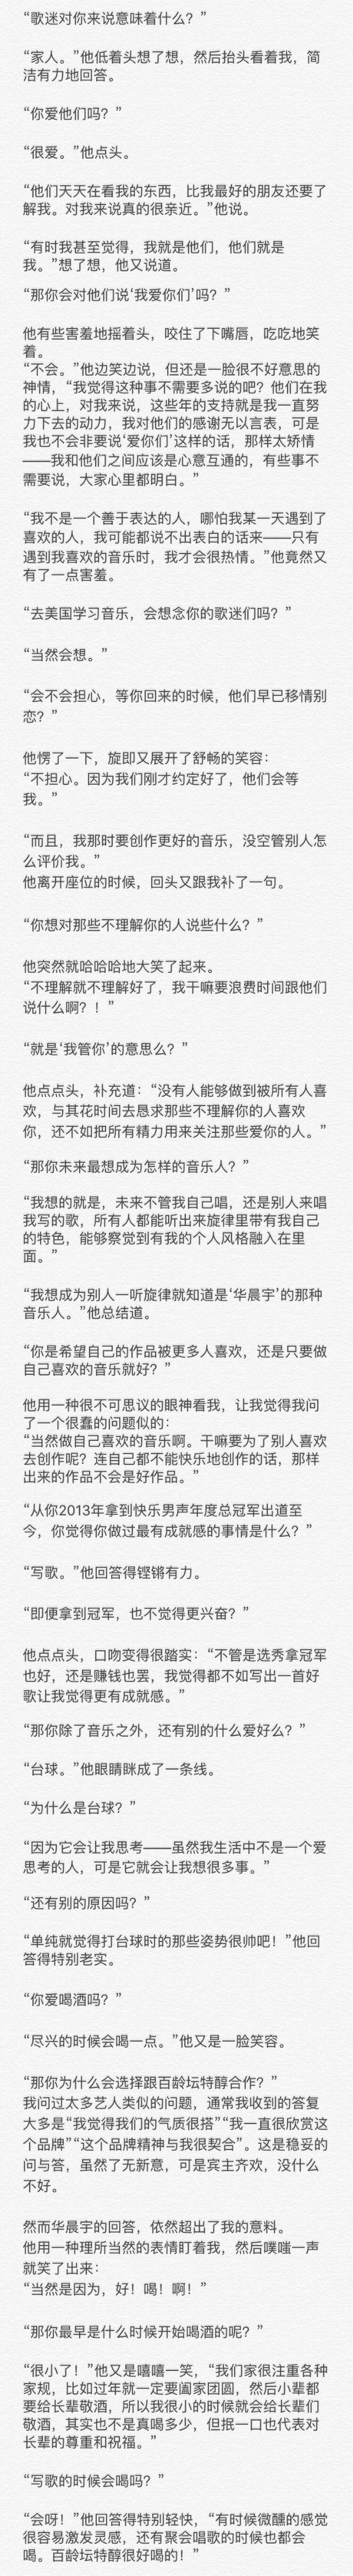 [华晨宇][分享]190503 华晨宇聊天文字合集:贴心花花图片